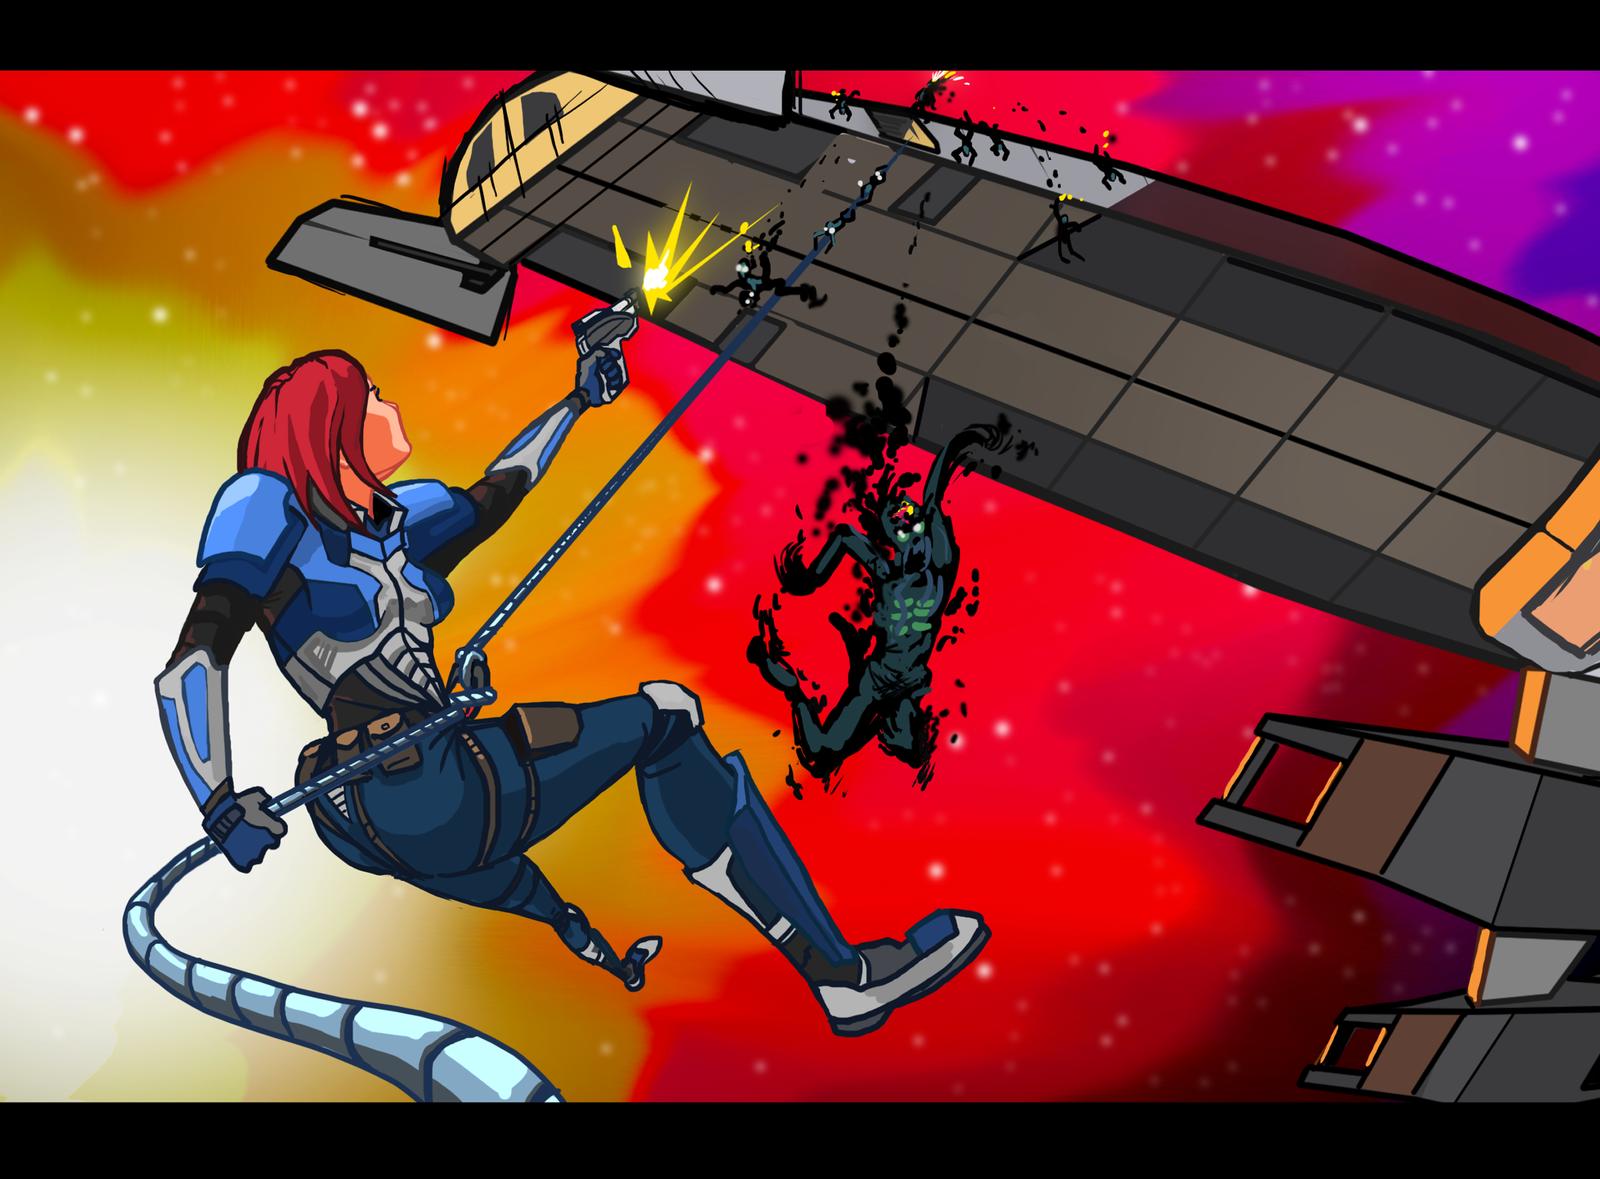 Mass Effect Cartoon Mock-Up 3 by Garrenh